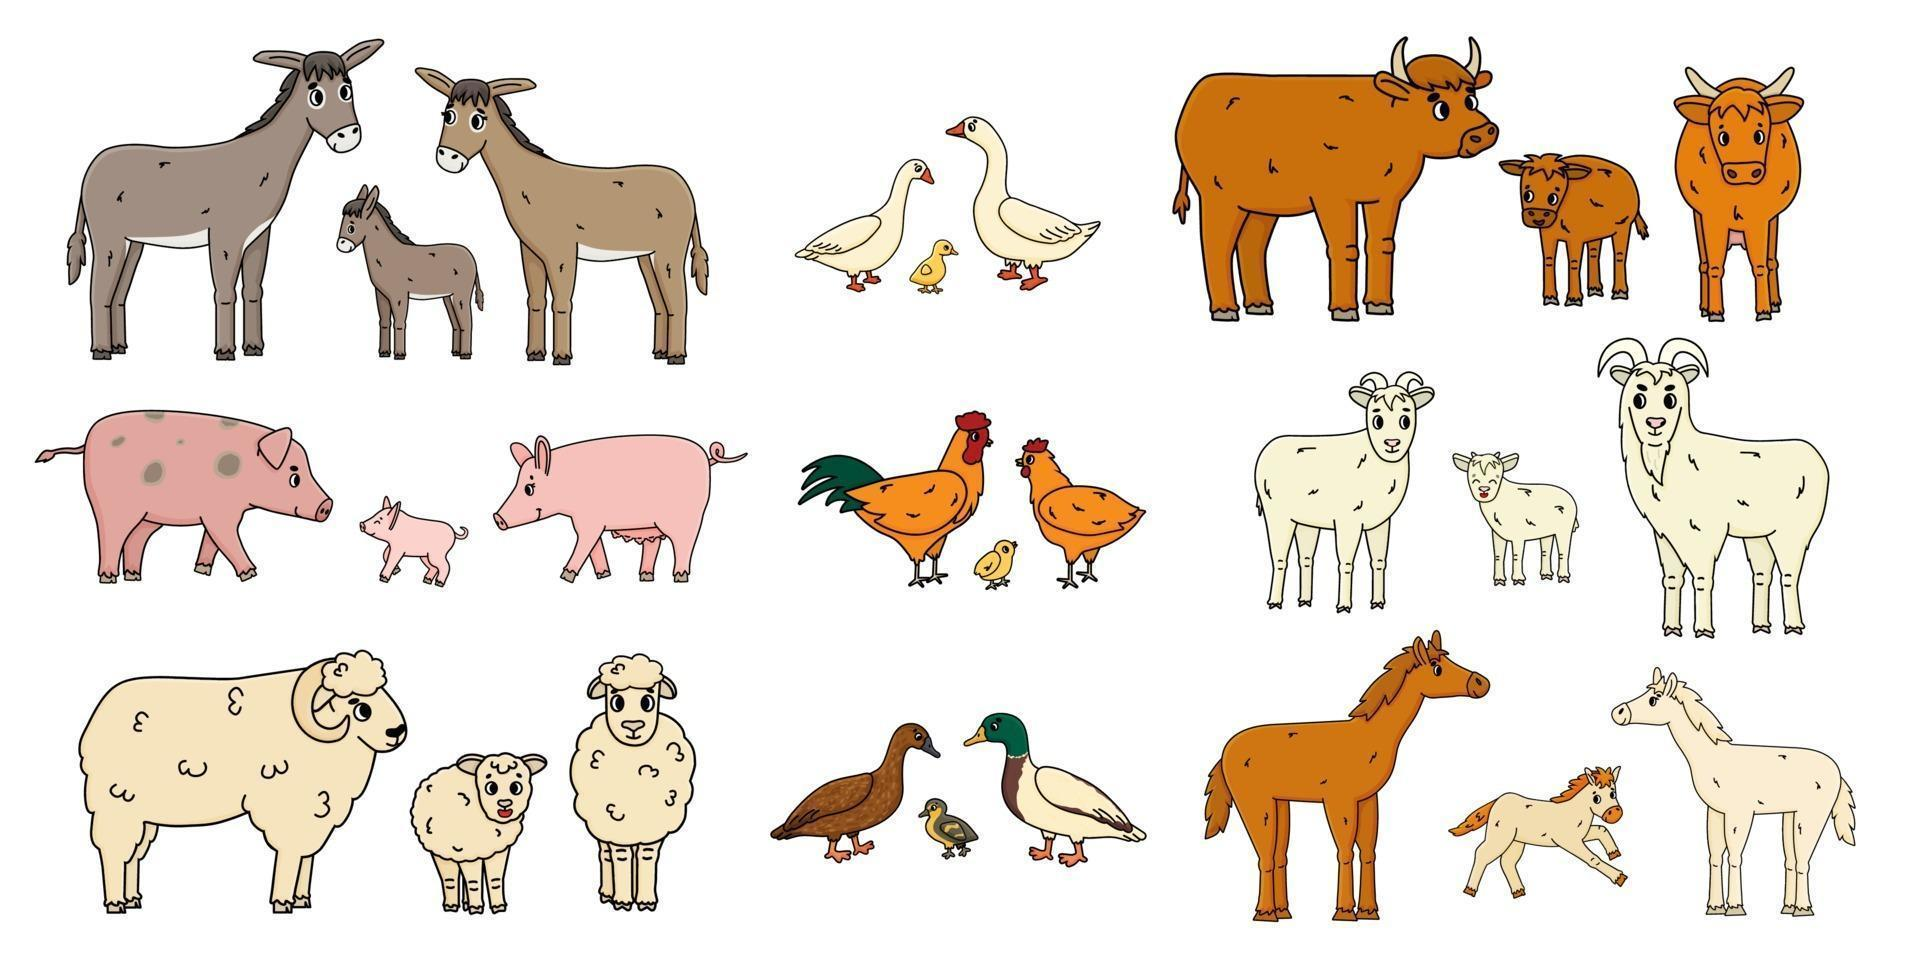 schattige boerderijdieren families geïsoleerd op een witte achtergrond. vector cartoon overzicht doodle dieren collectie ezel gans koe os varken varken kip kip haan geit schapen eend paard voor kinderboek